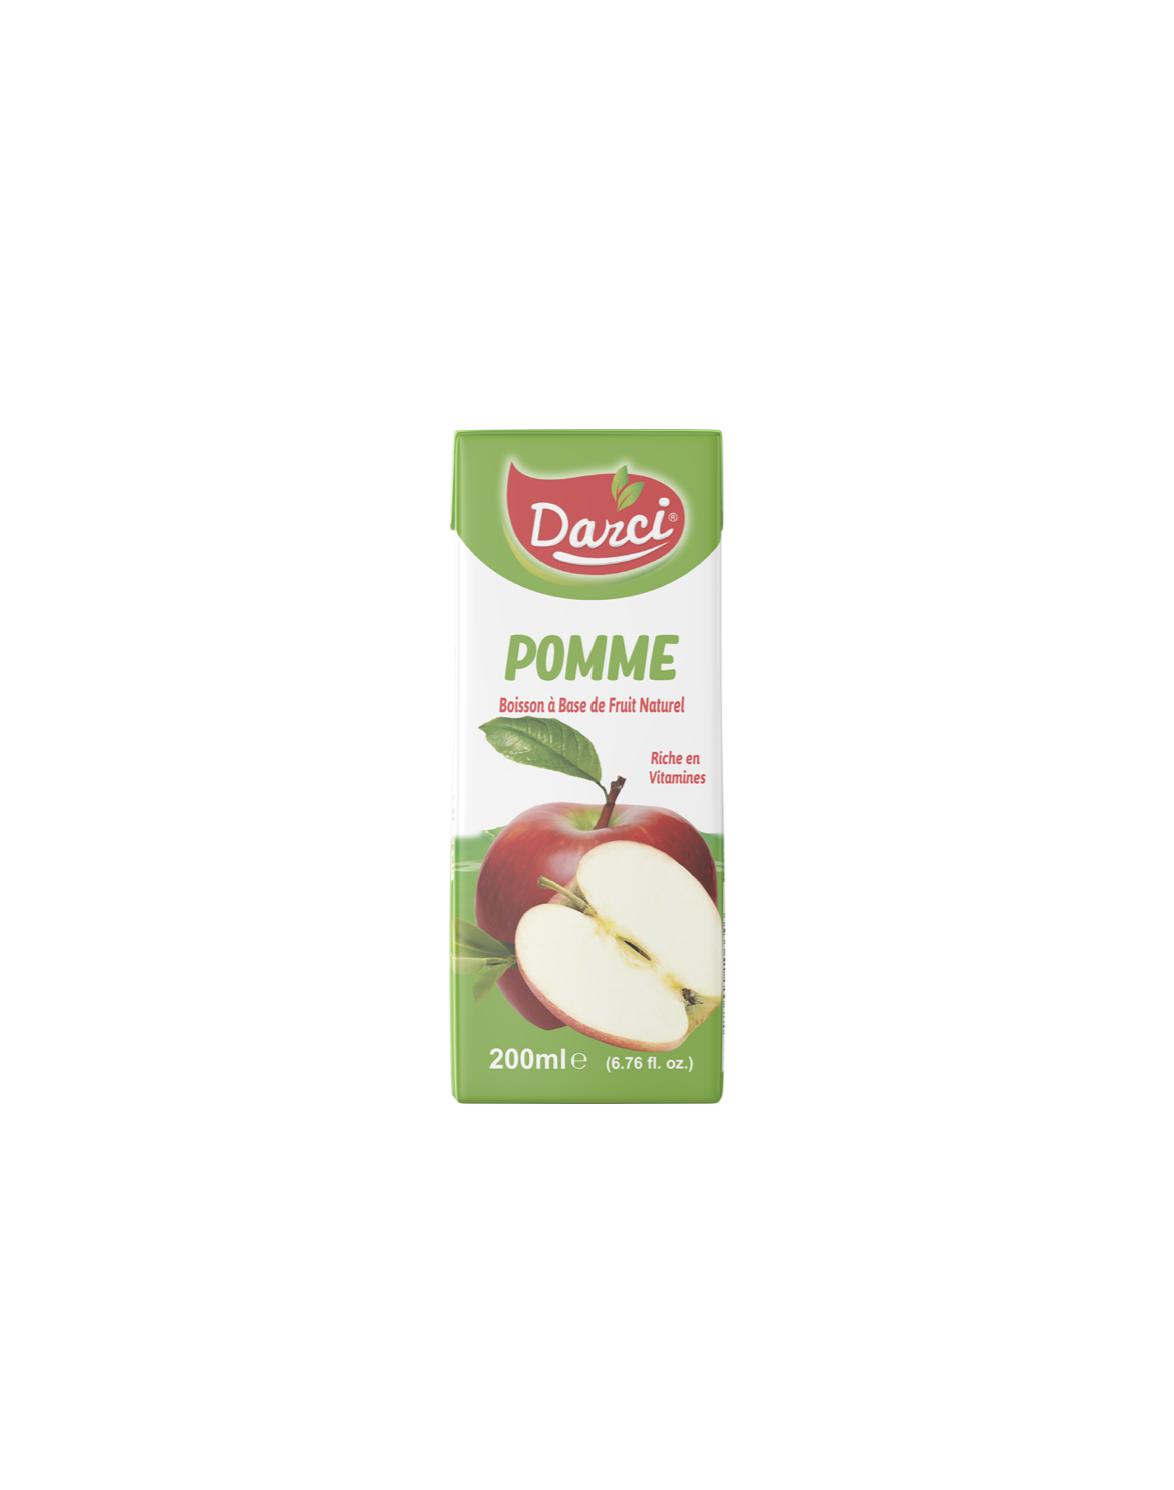 Boisson-DARCI-Pomme-200ml_siprochim